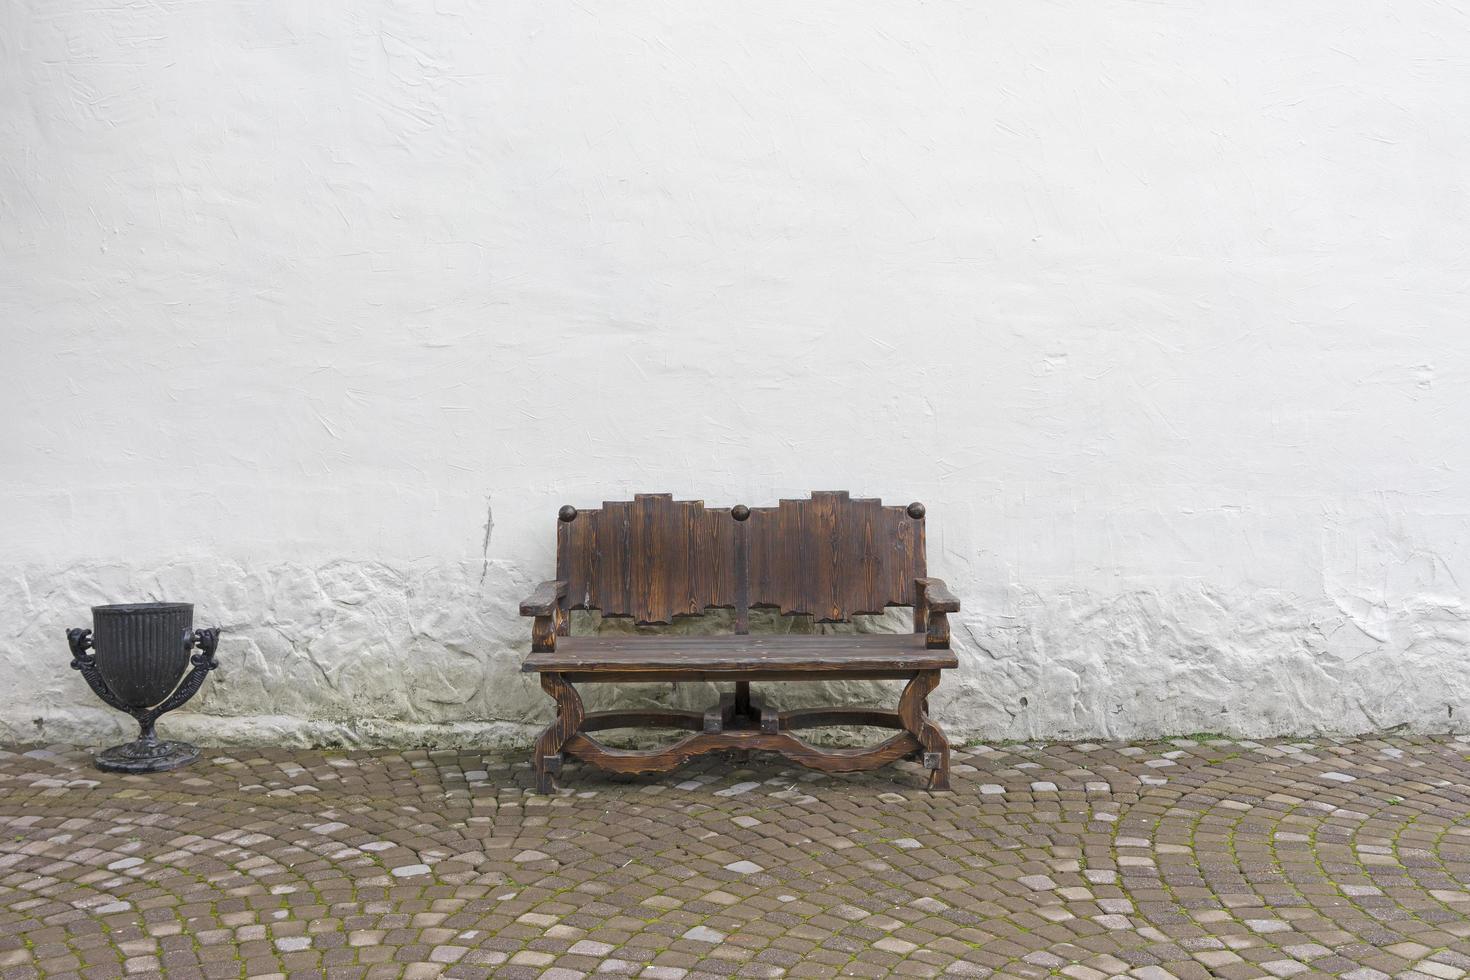 banco de madeira em um fundo de parede branca foto